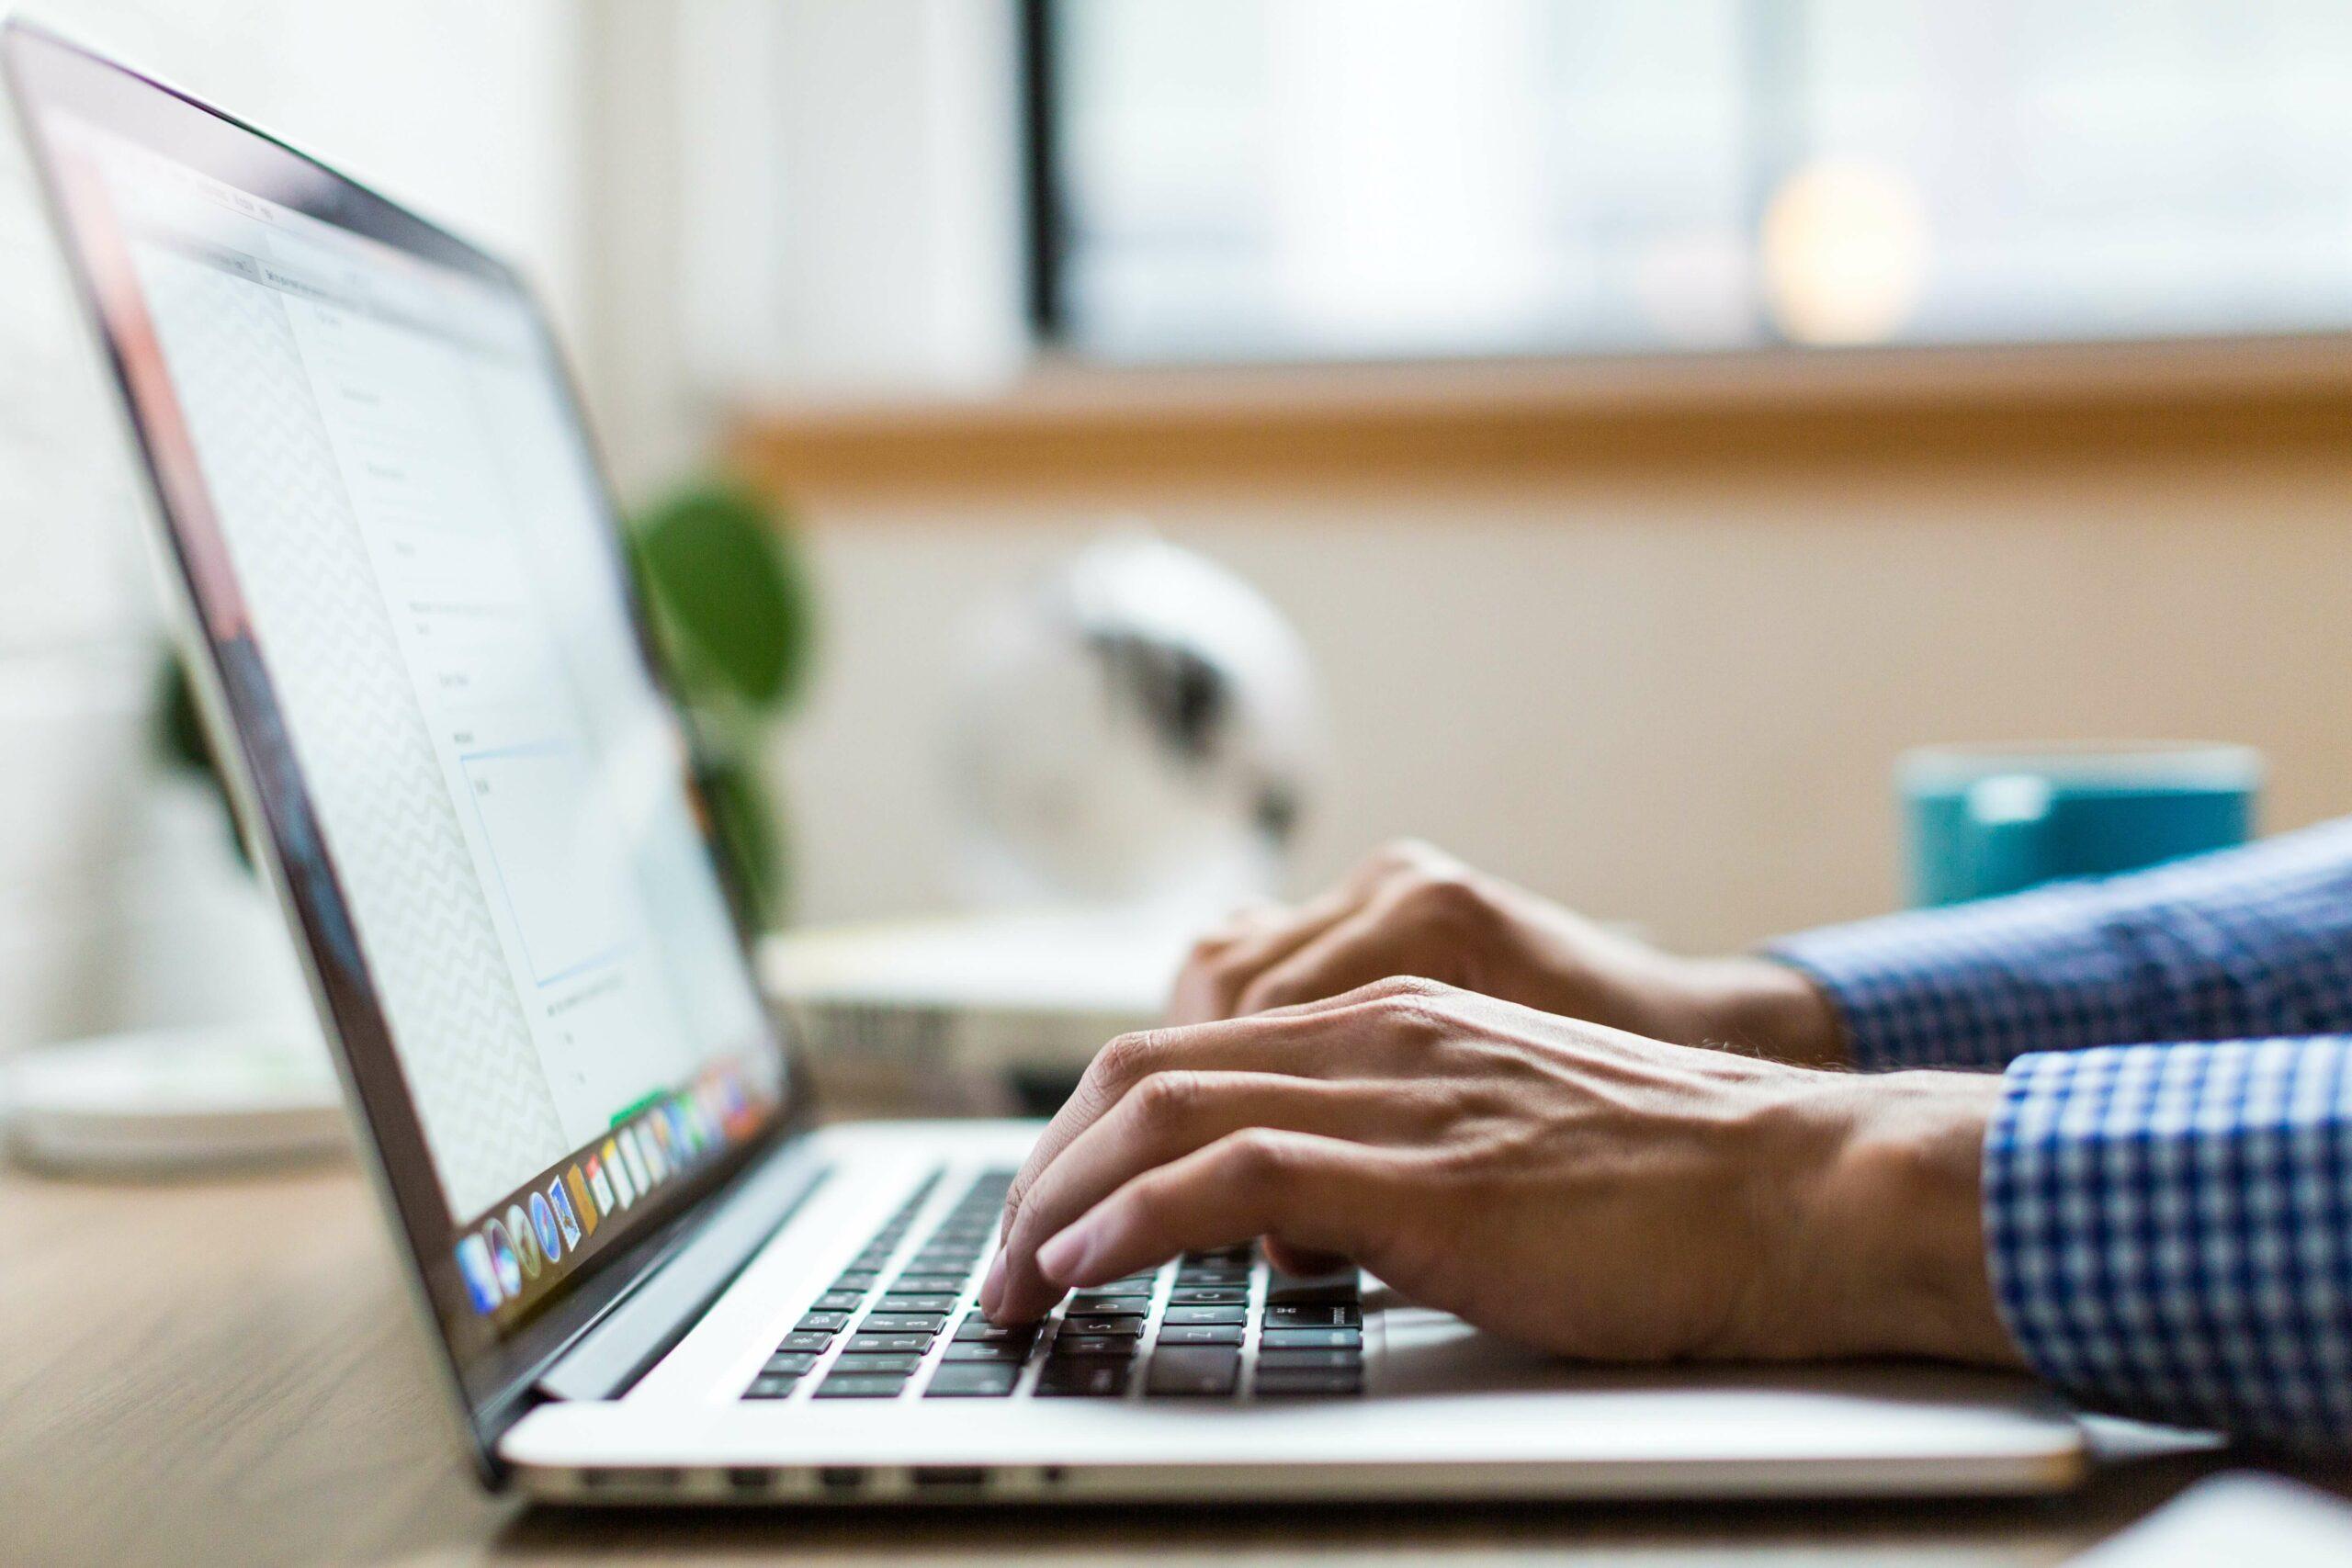 Dürfen E-Mails im Urlaub weitergeleitet werden?